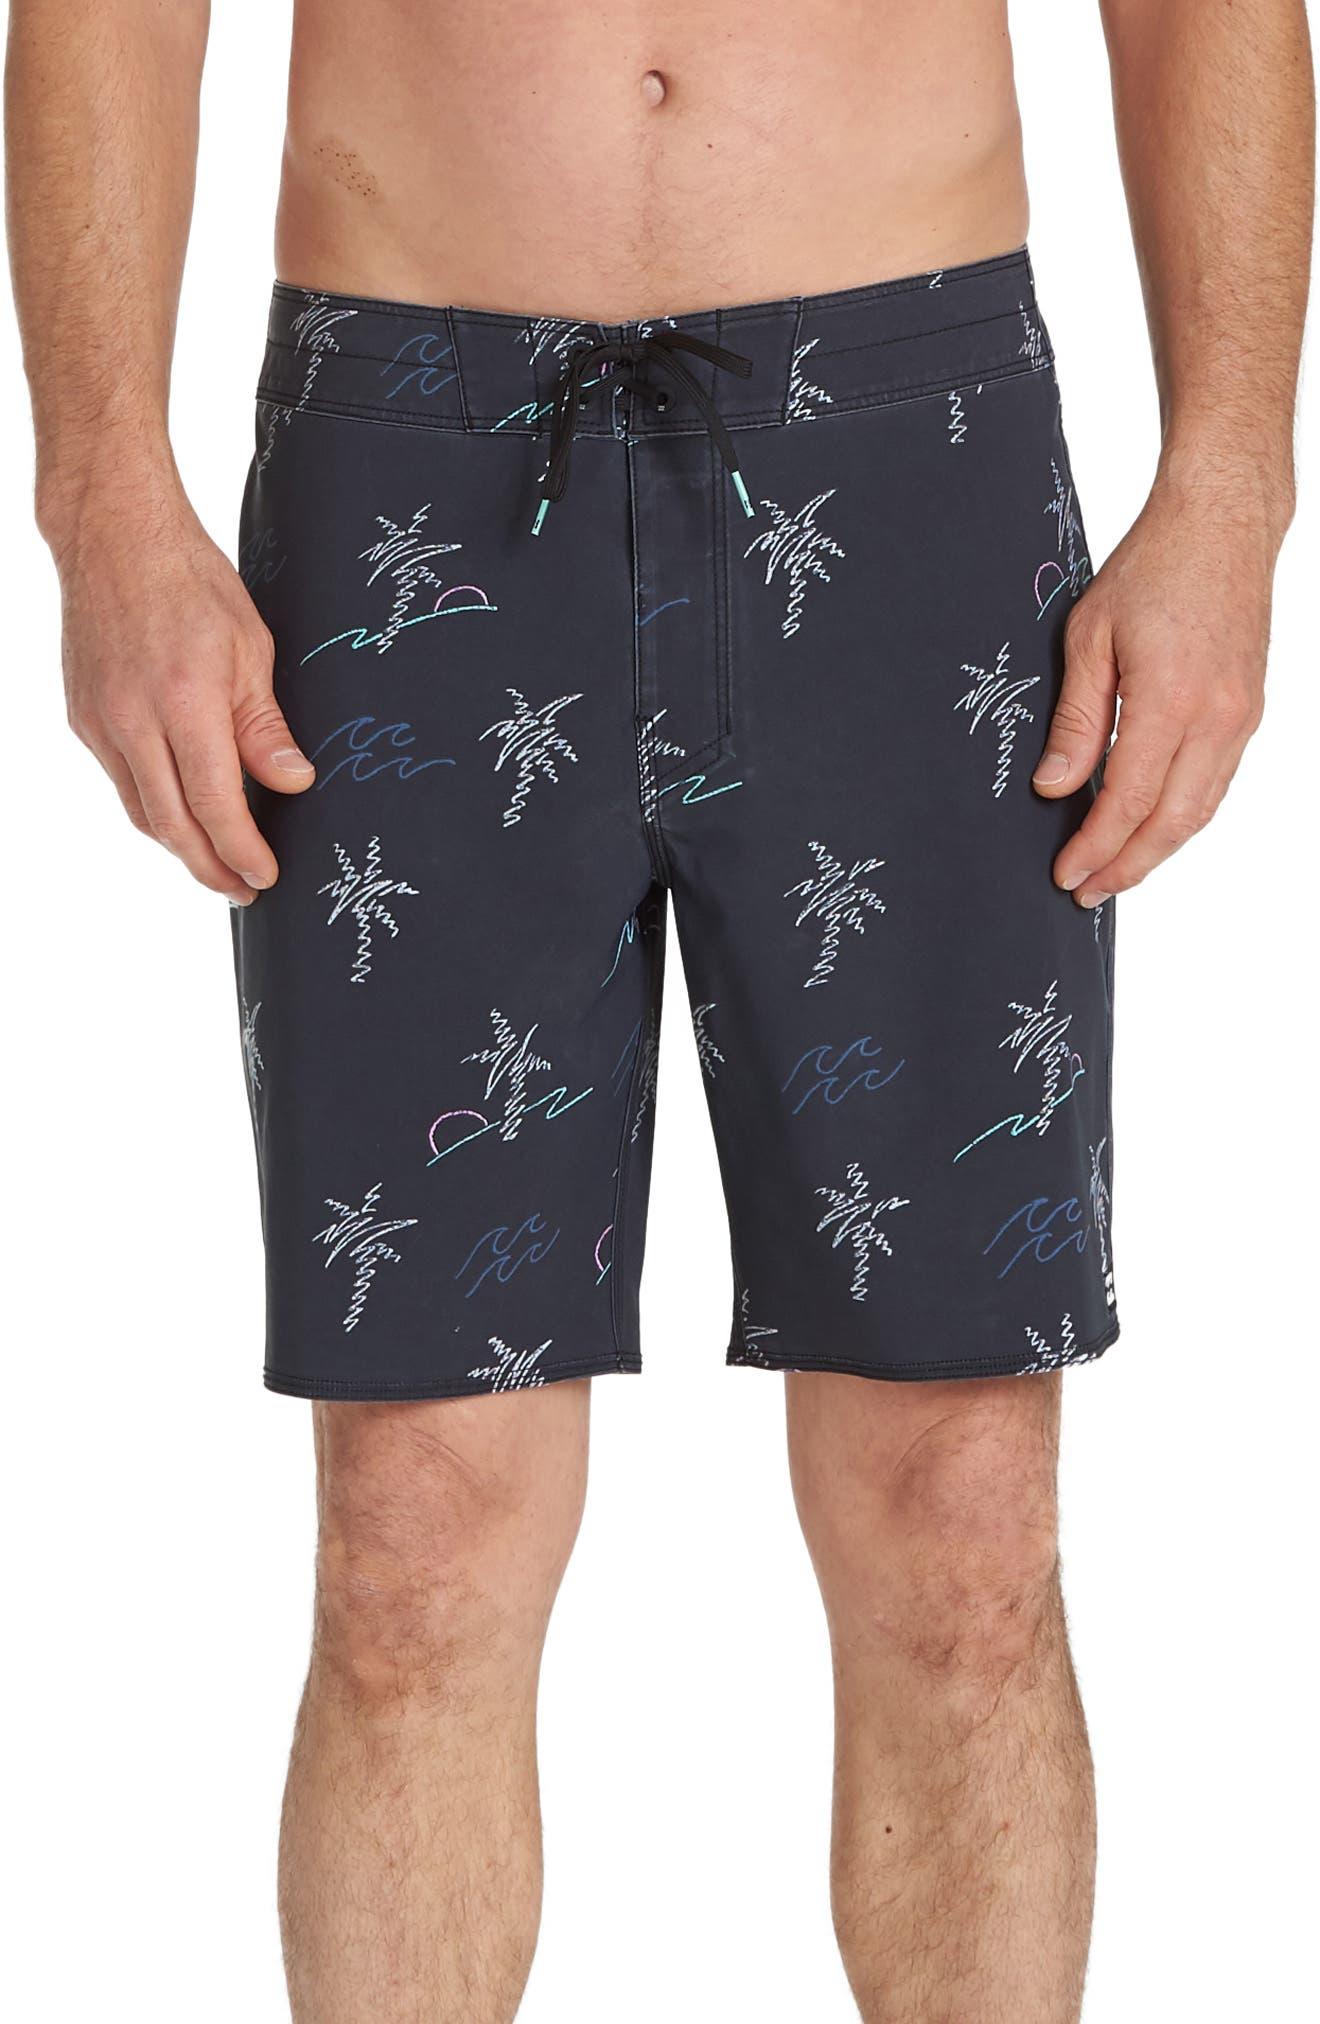 Billabong Sundays Pro Board Shorts, Grey